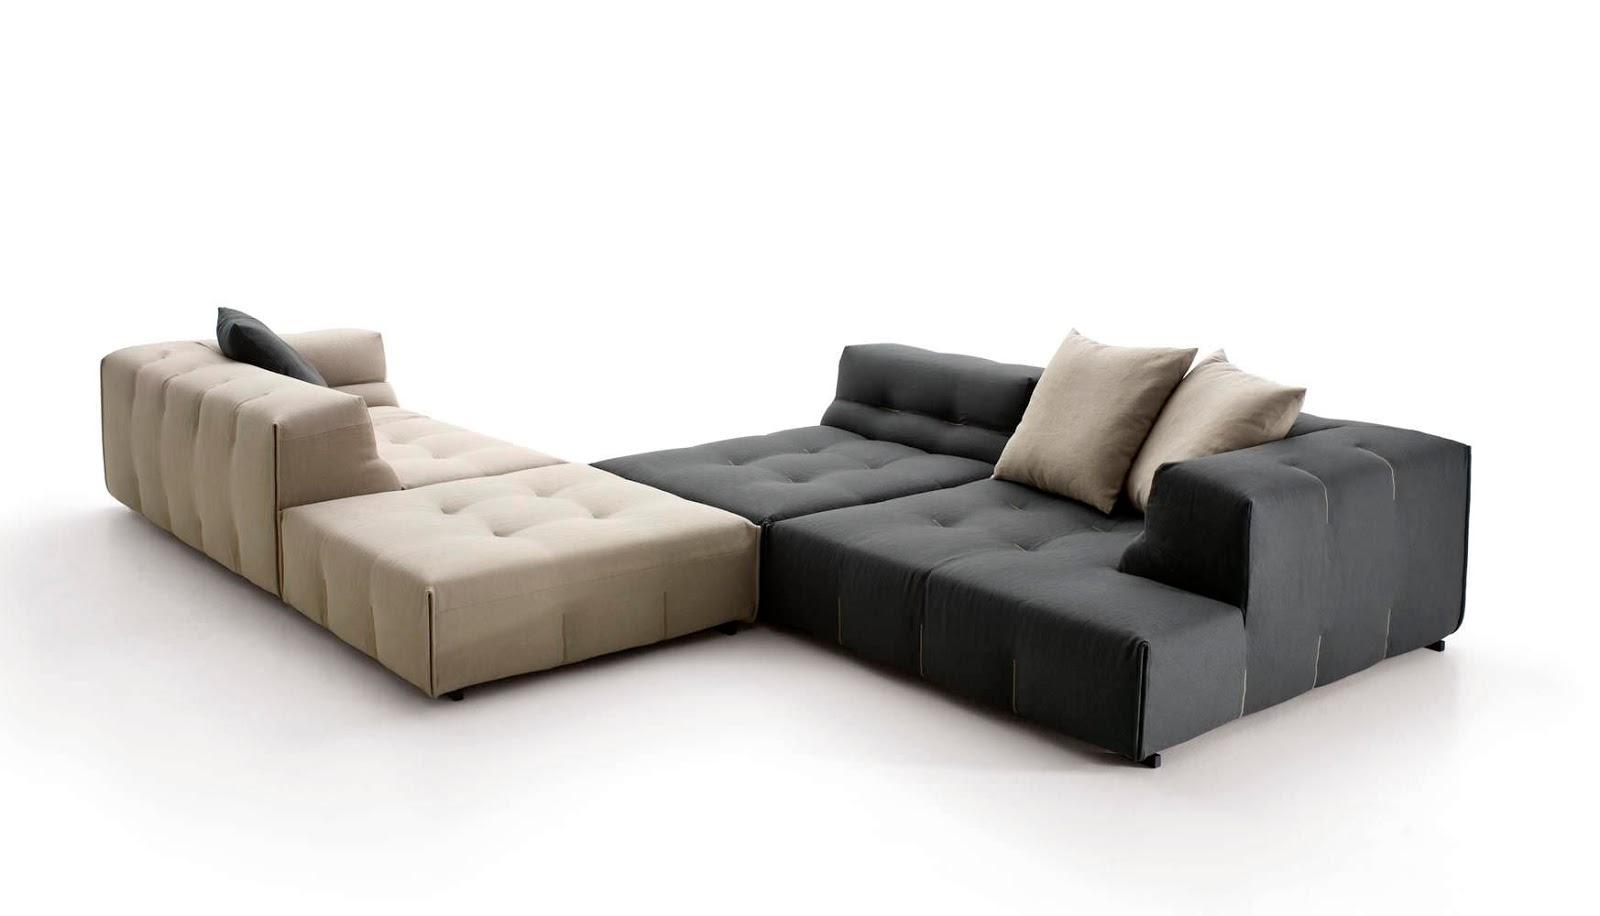 Amedeo liberatoscioli consigli utili come arredare con i - Creare un divano ...